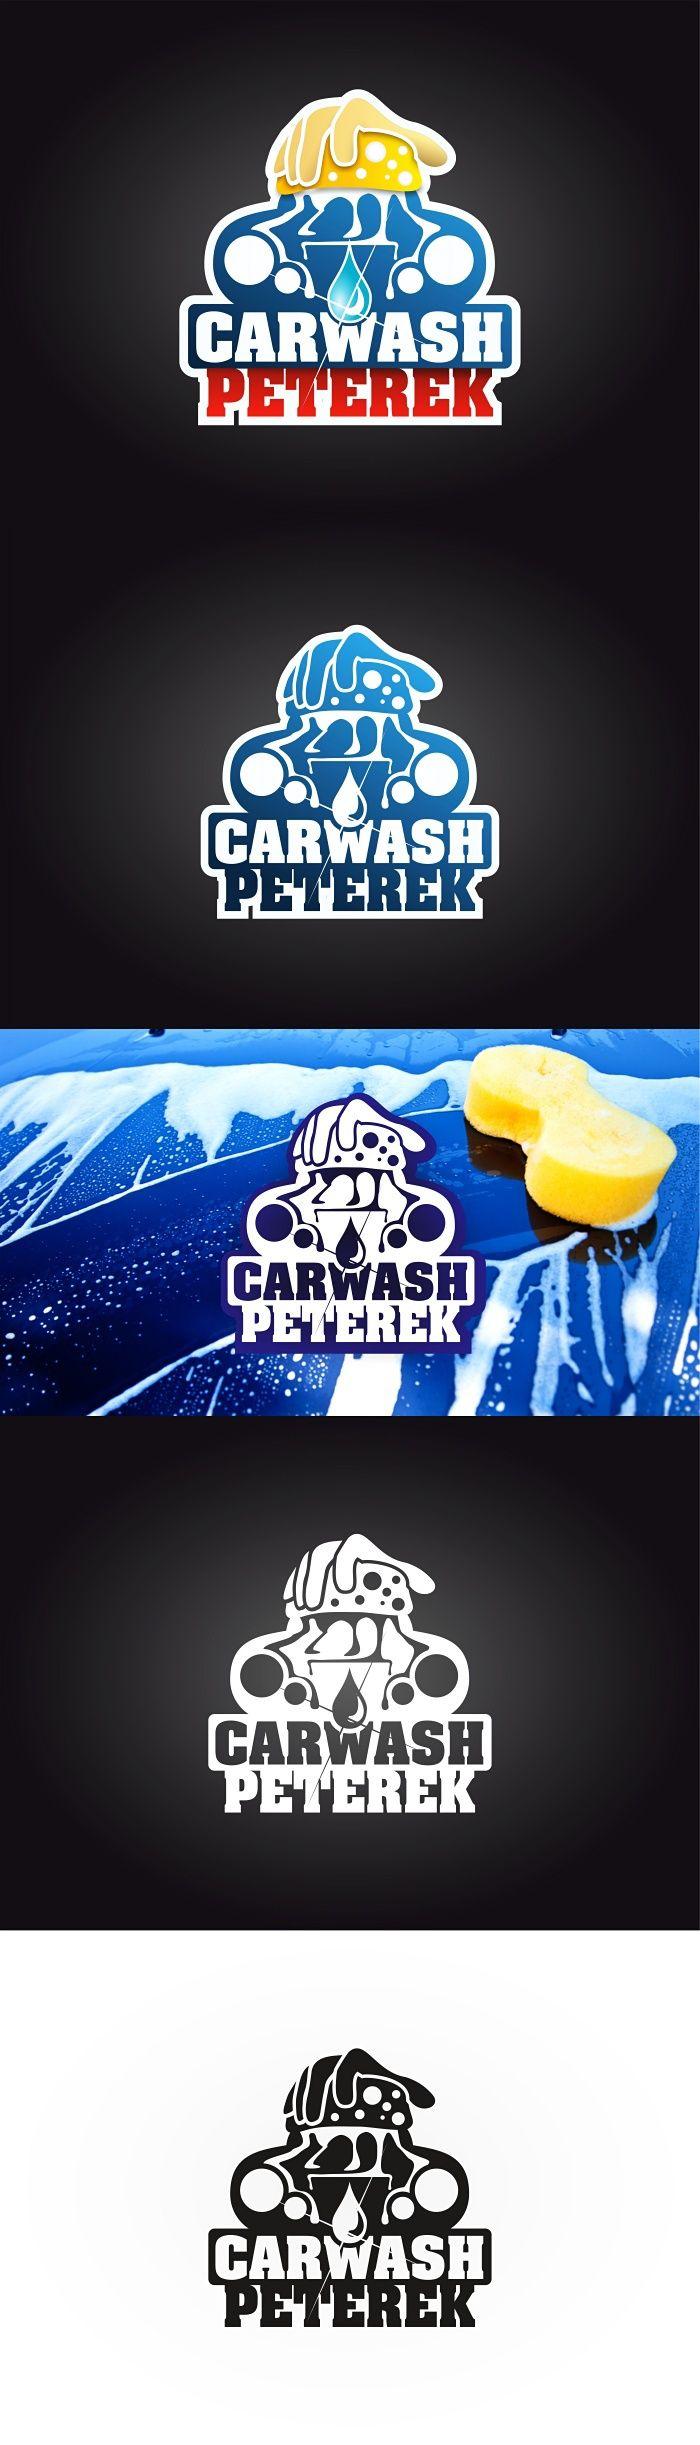 """Podívejte se na můj projekt @Behance: """"Logo for the car wash. Name is Peterek. First version."""" https://www.behance.net/gallery/43313741/Logo-for-the-car-wash-Name-is-Peterek-First-version."""